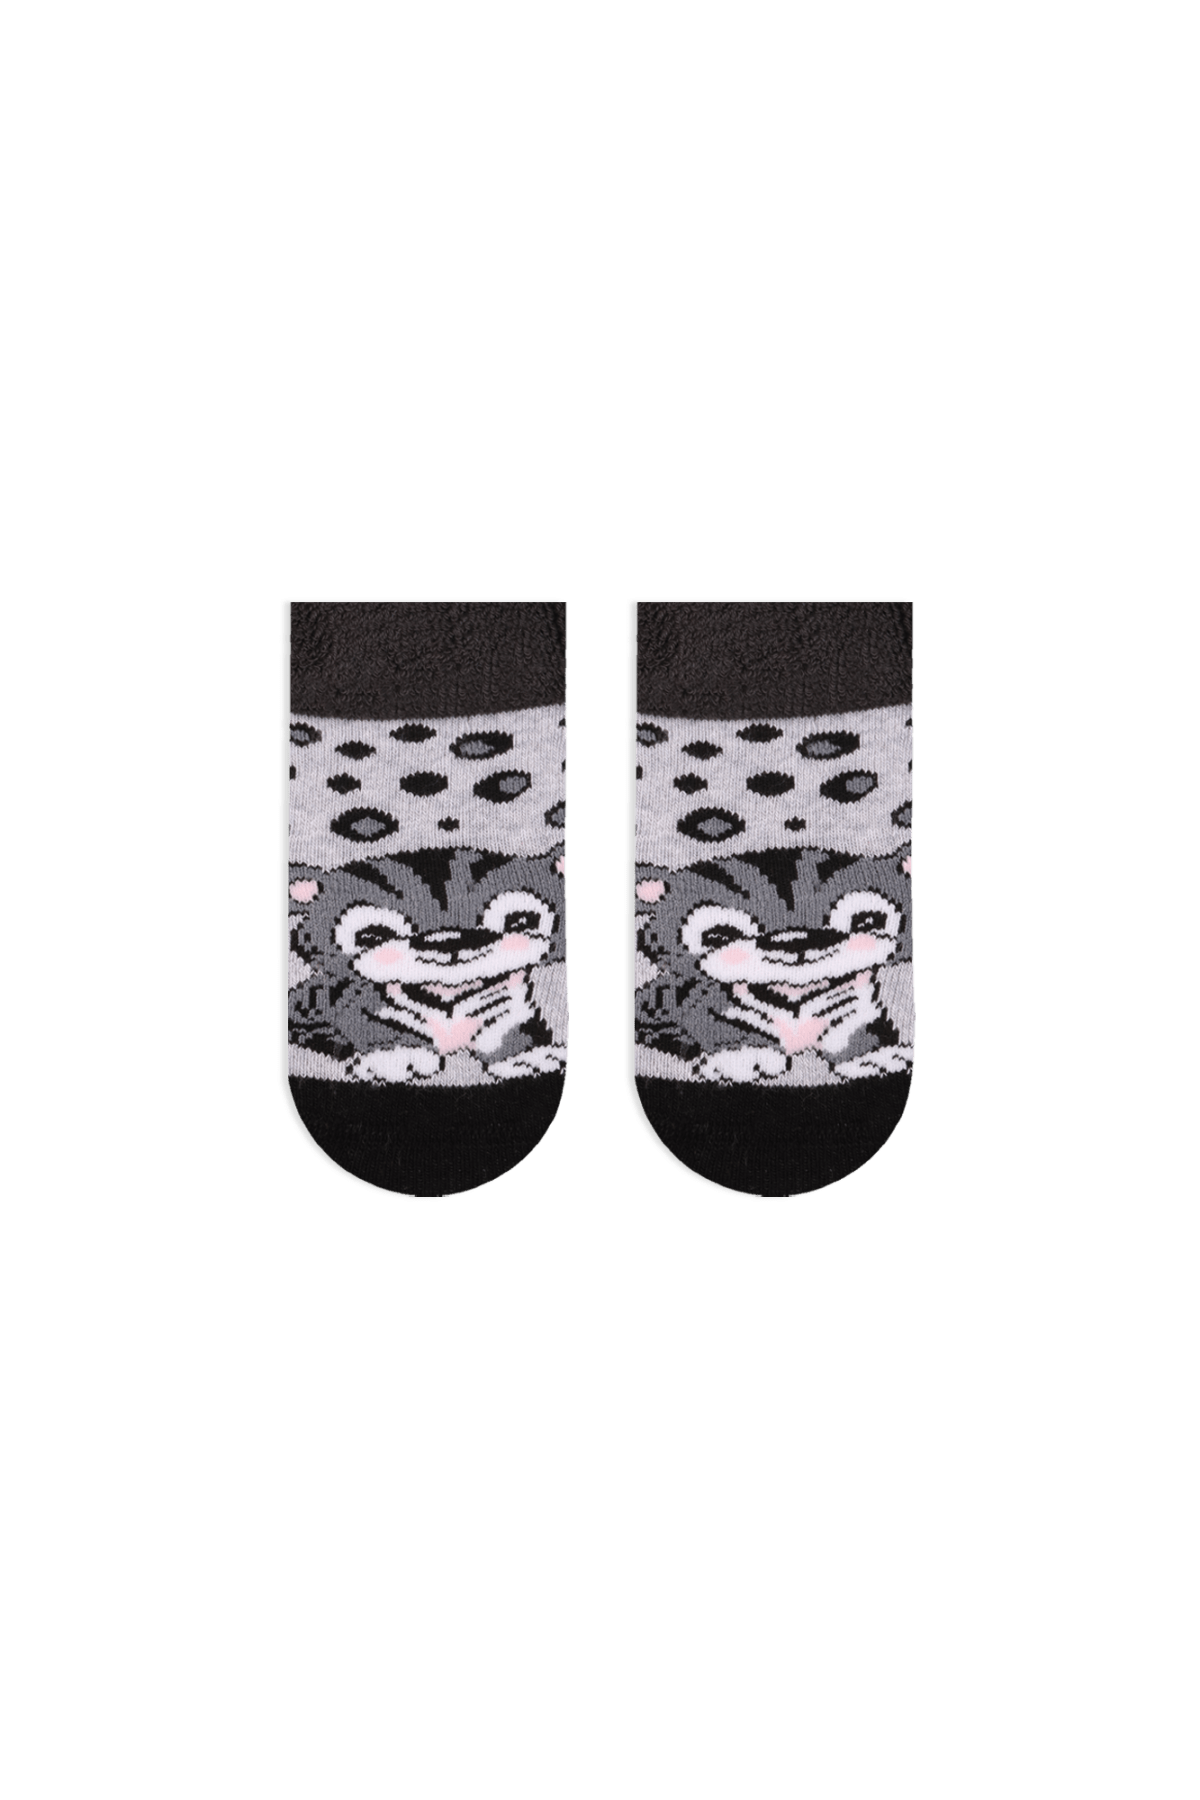 Bross Bebek Grimelanj Kaplan Desenli  Taban Altı Kaydırmaz Baskılı Havlu Çorabı